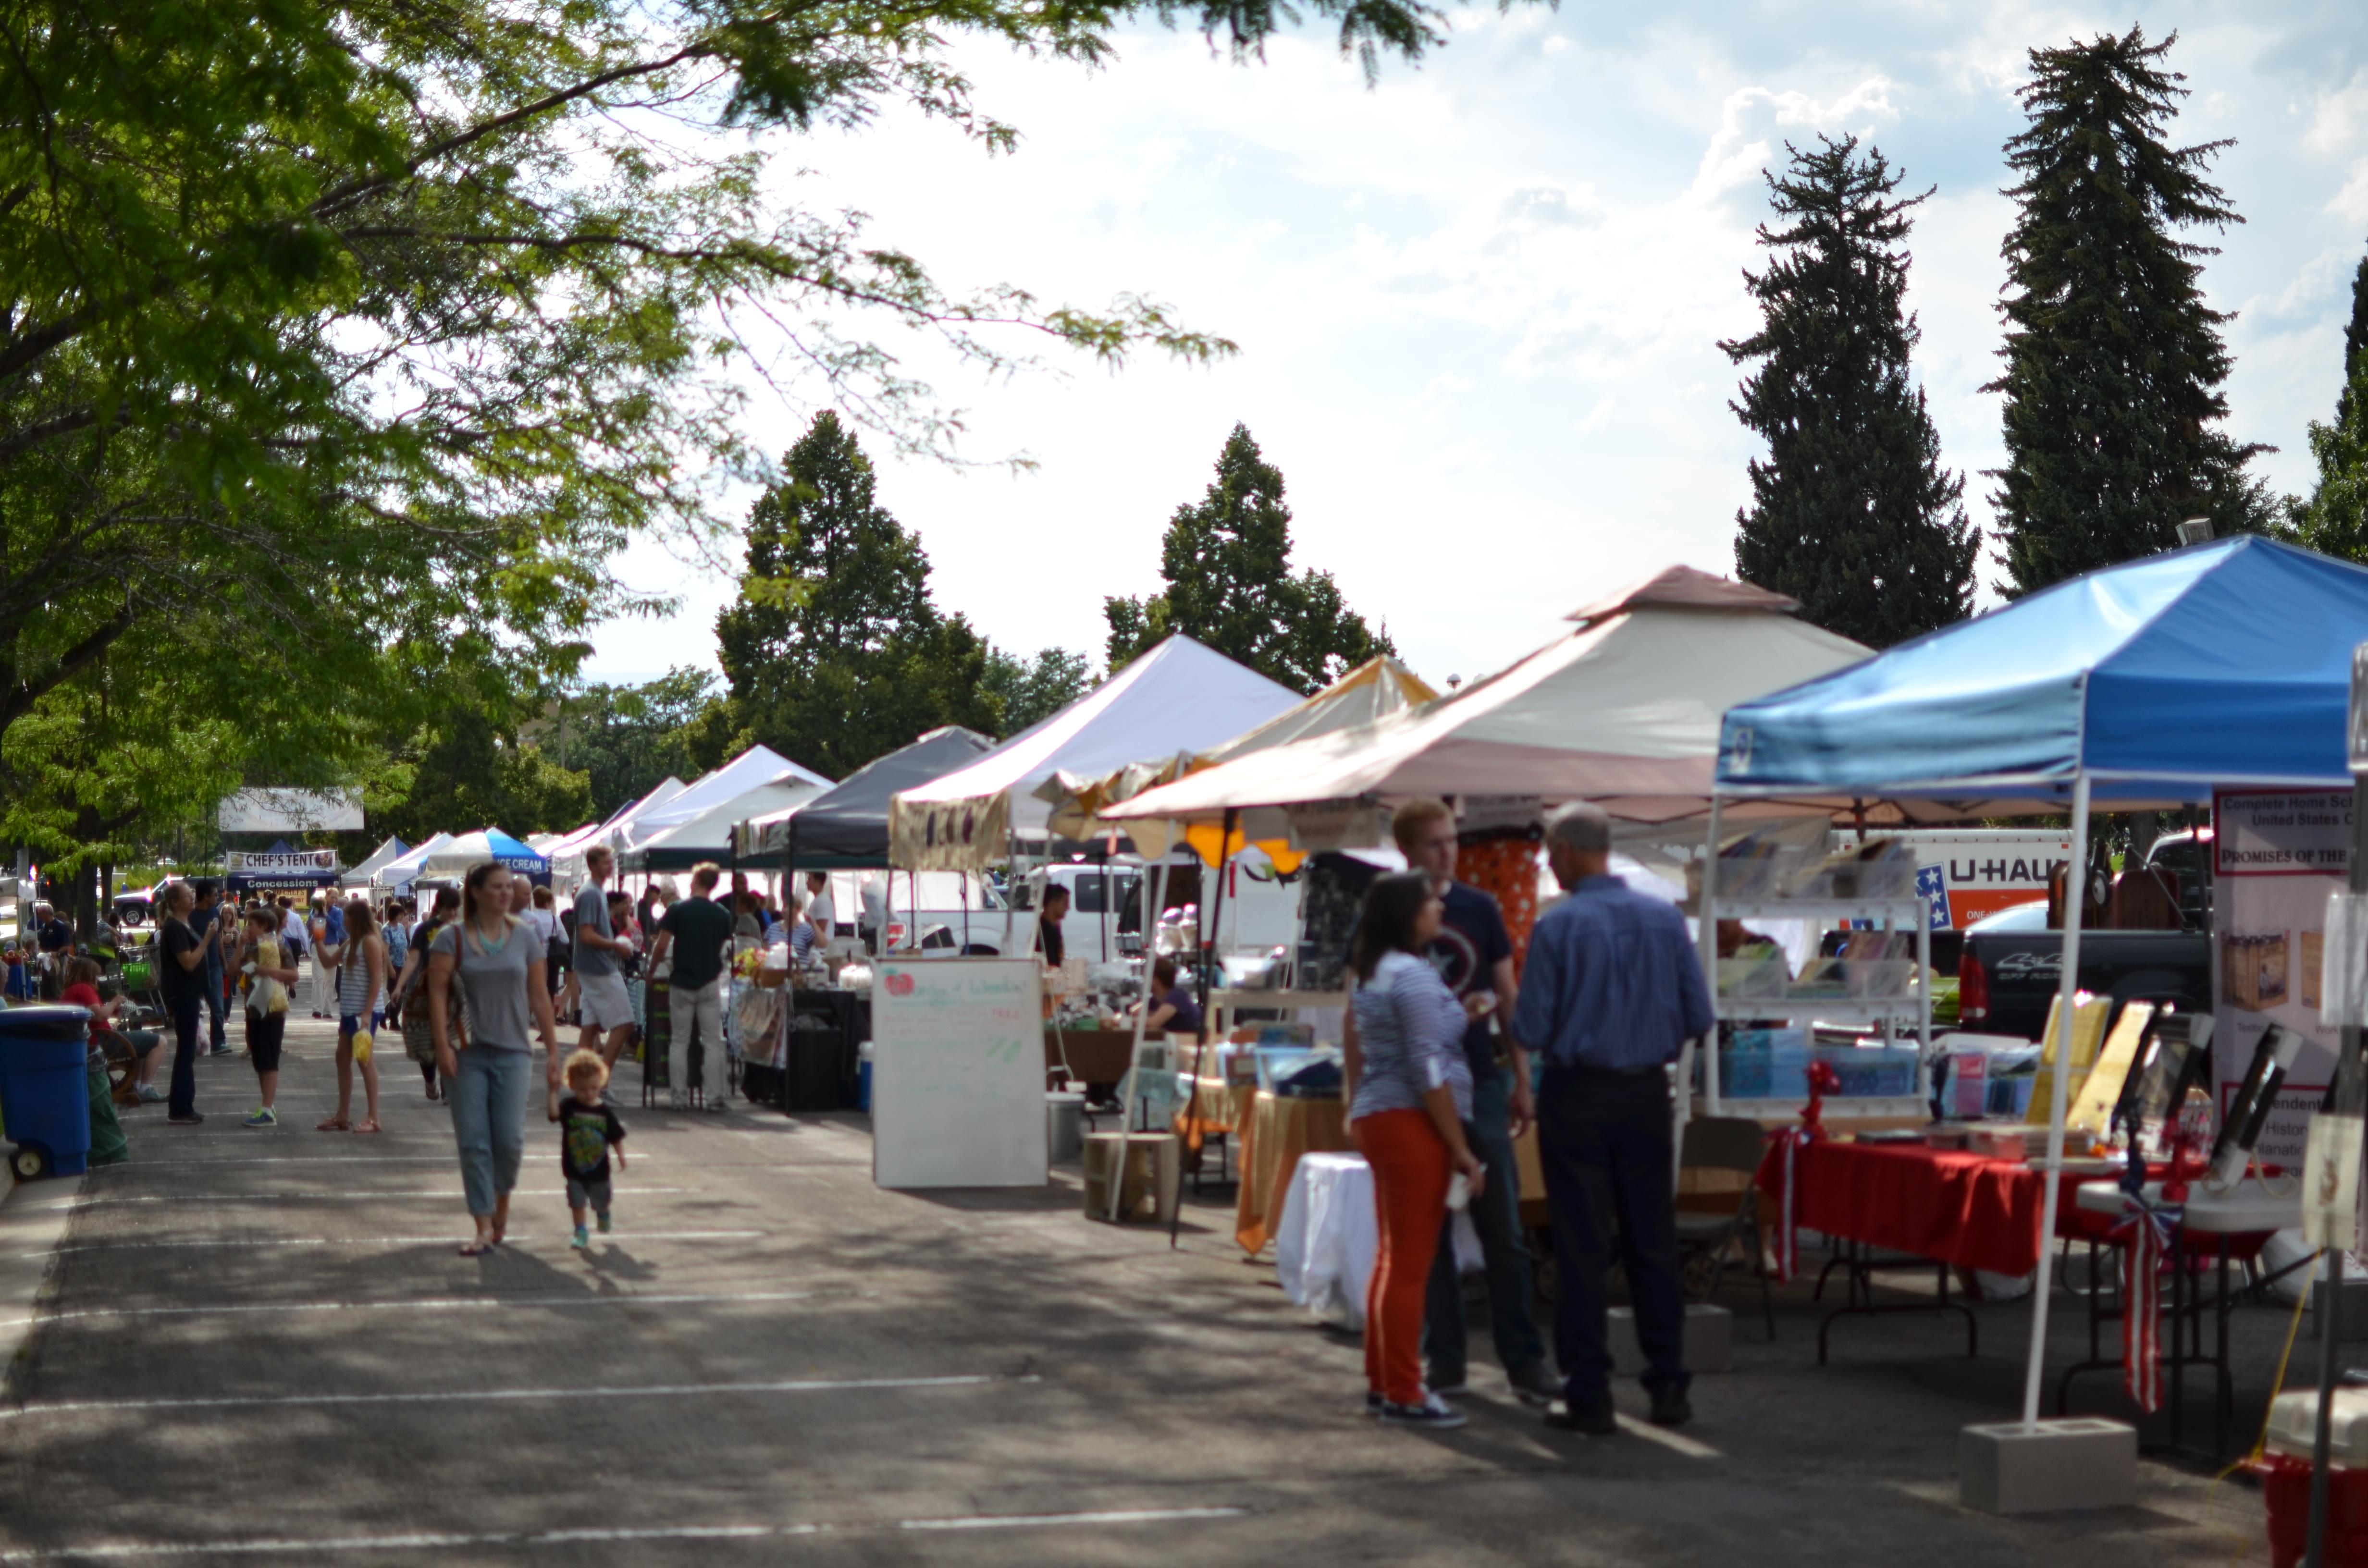 Stadium Farmer's Market